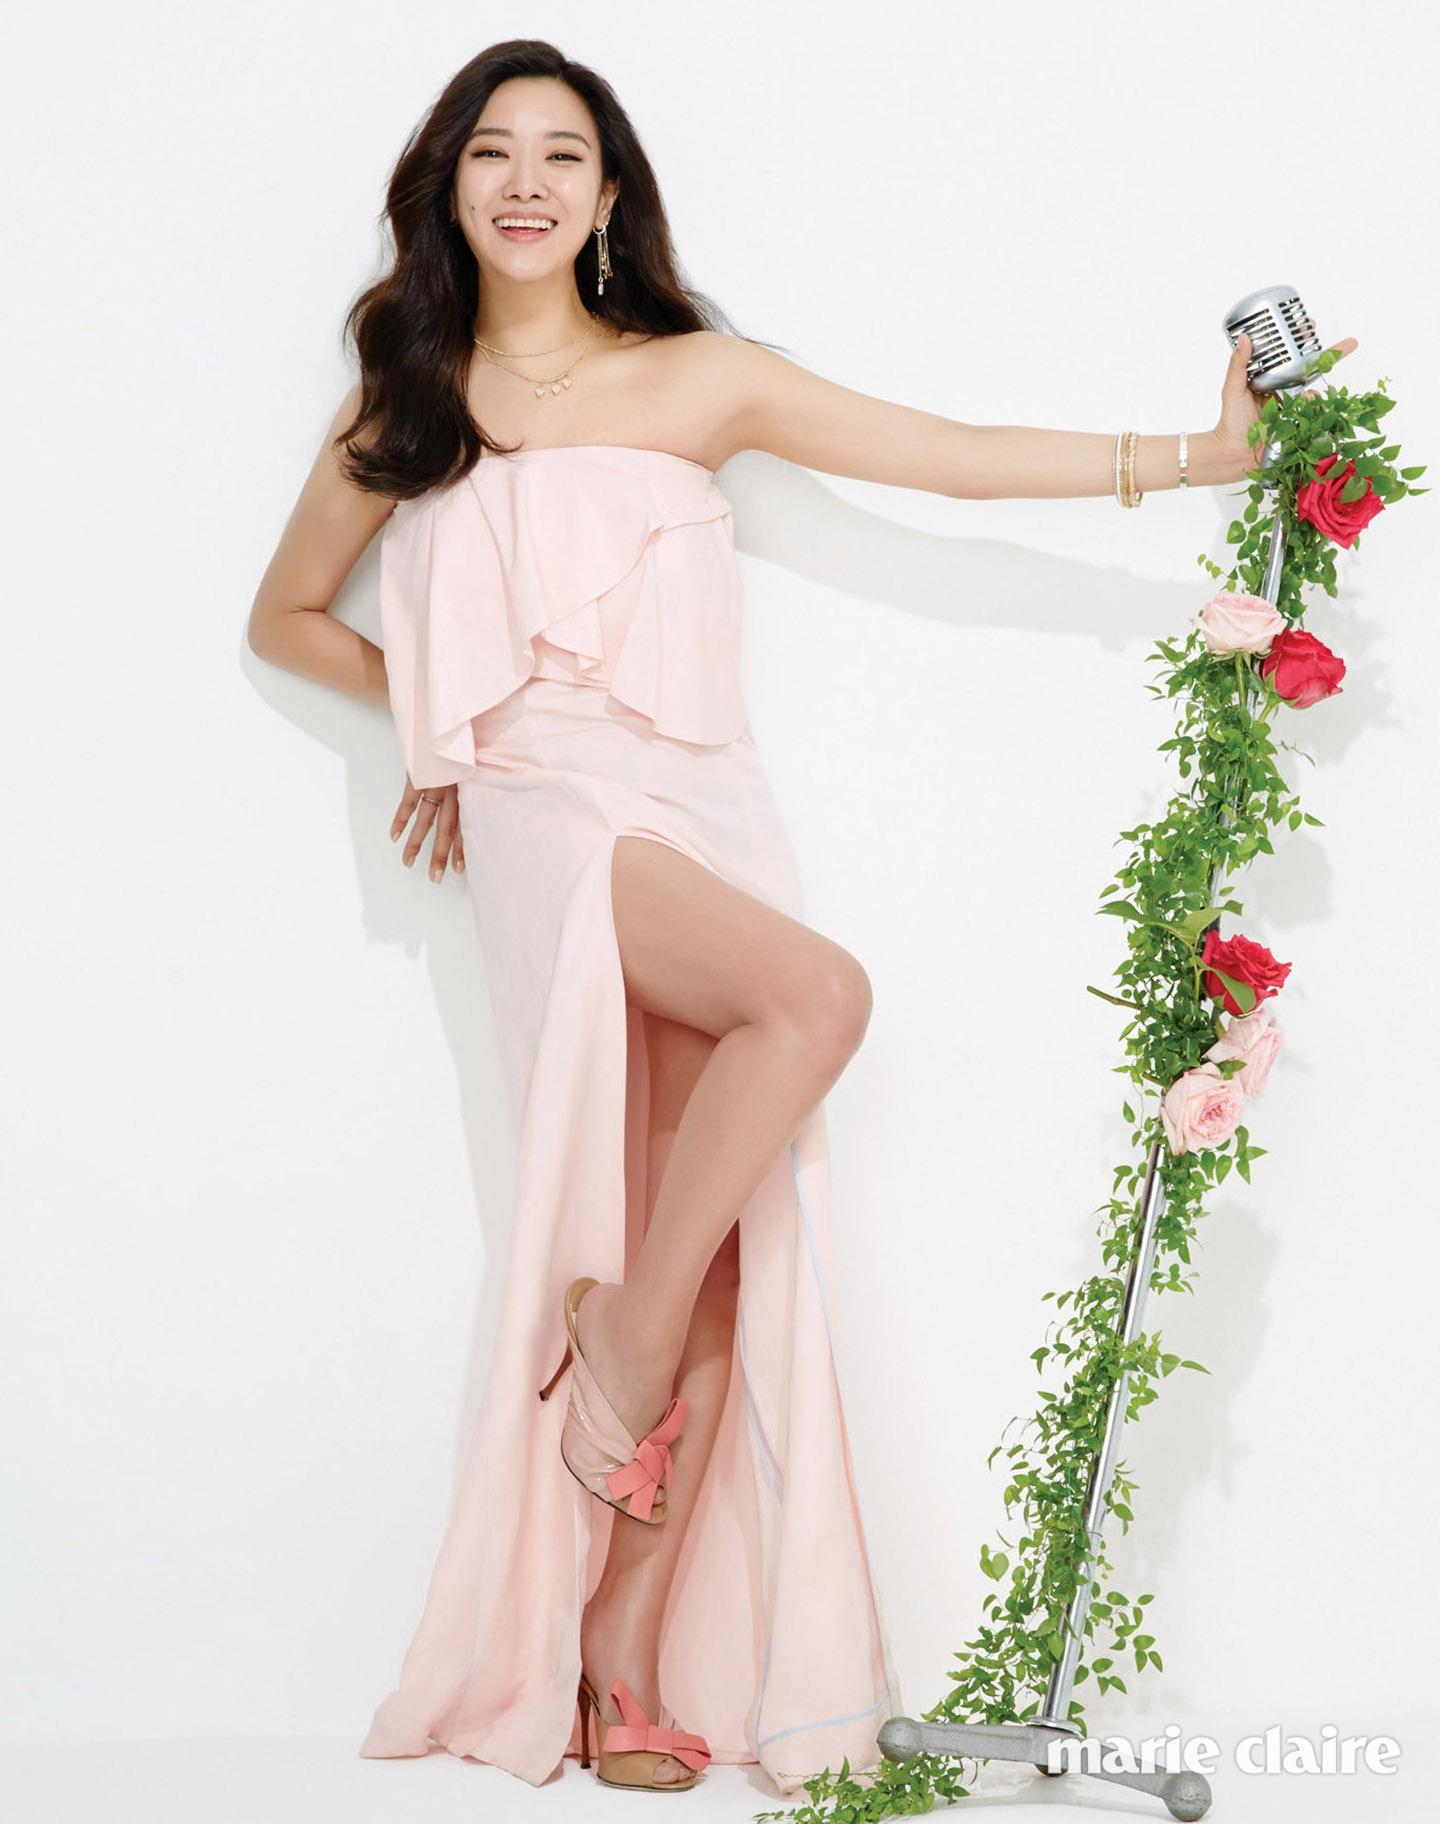 튜브톱 드레스 더 스튜디오 케이, 주얼리와 슈즈는 스타일리스트 소장품.